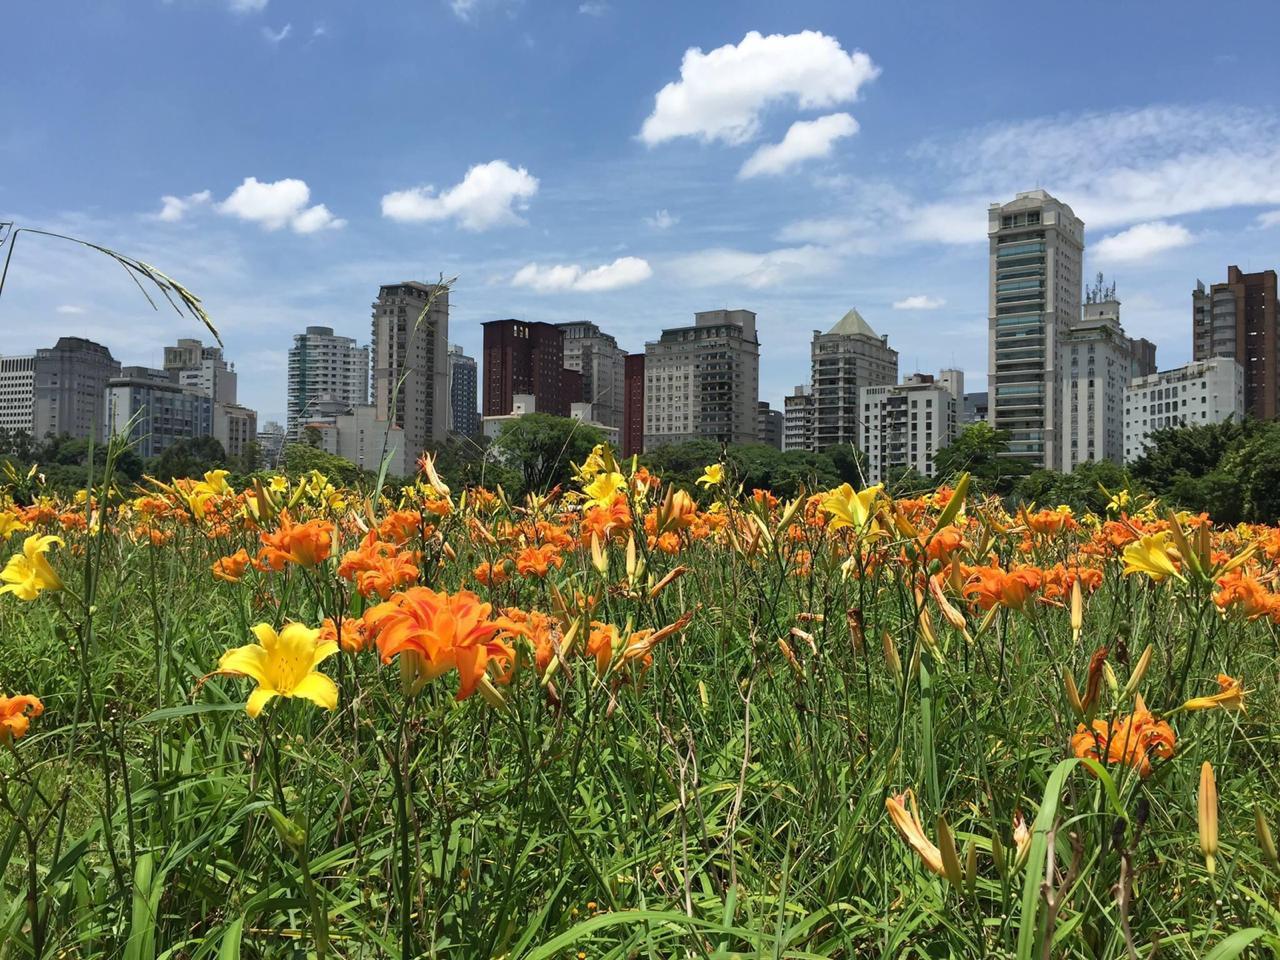 Parque do Povo: Conheça este charmoso Parque no Itaim Bibi